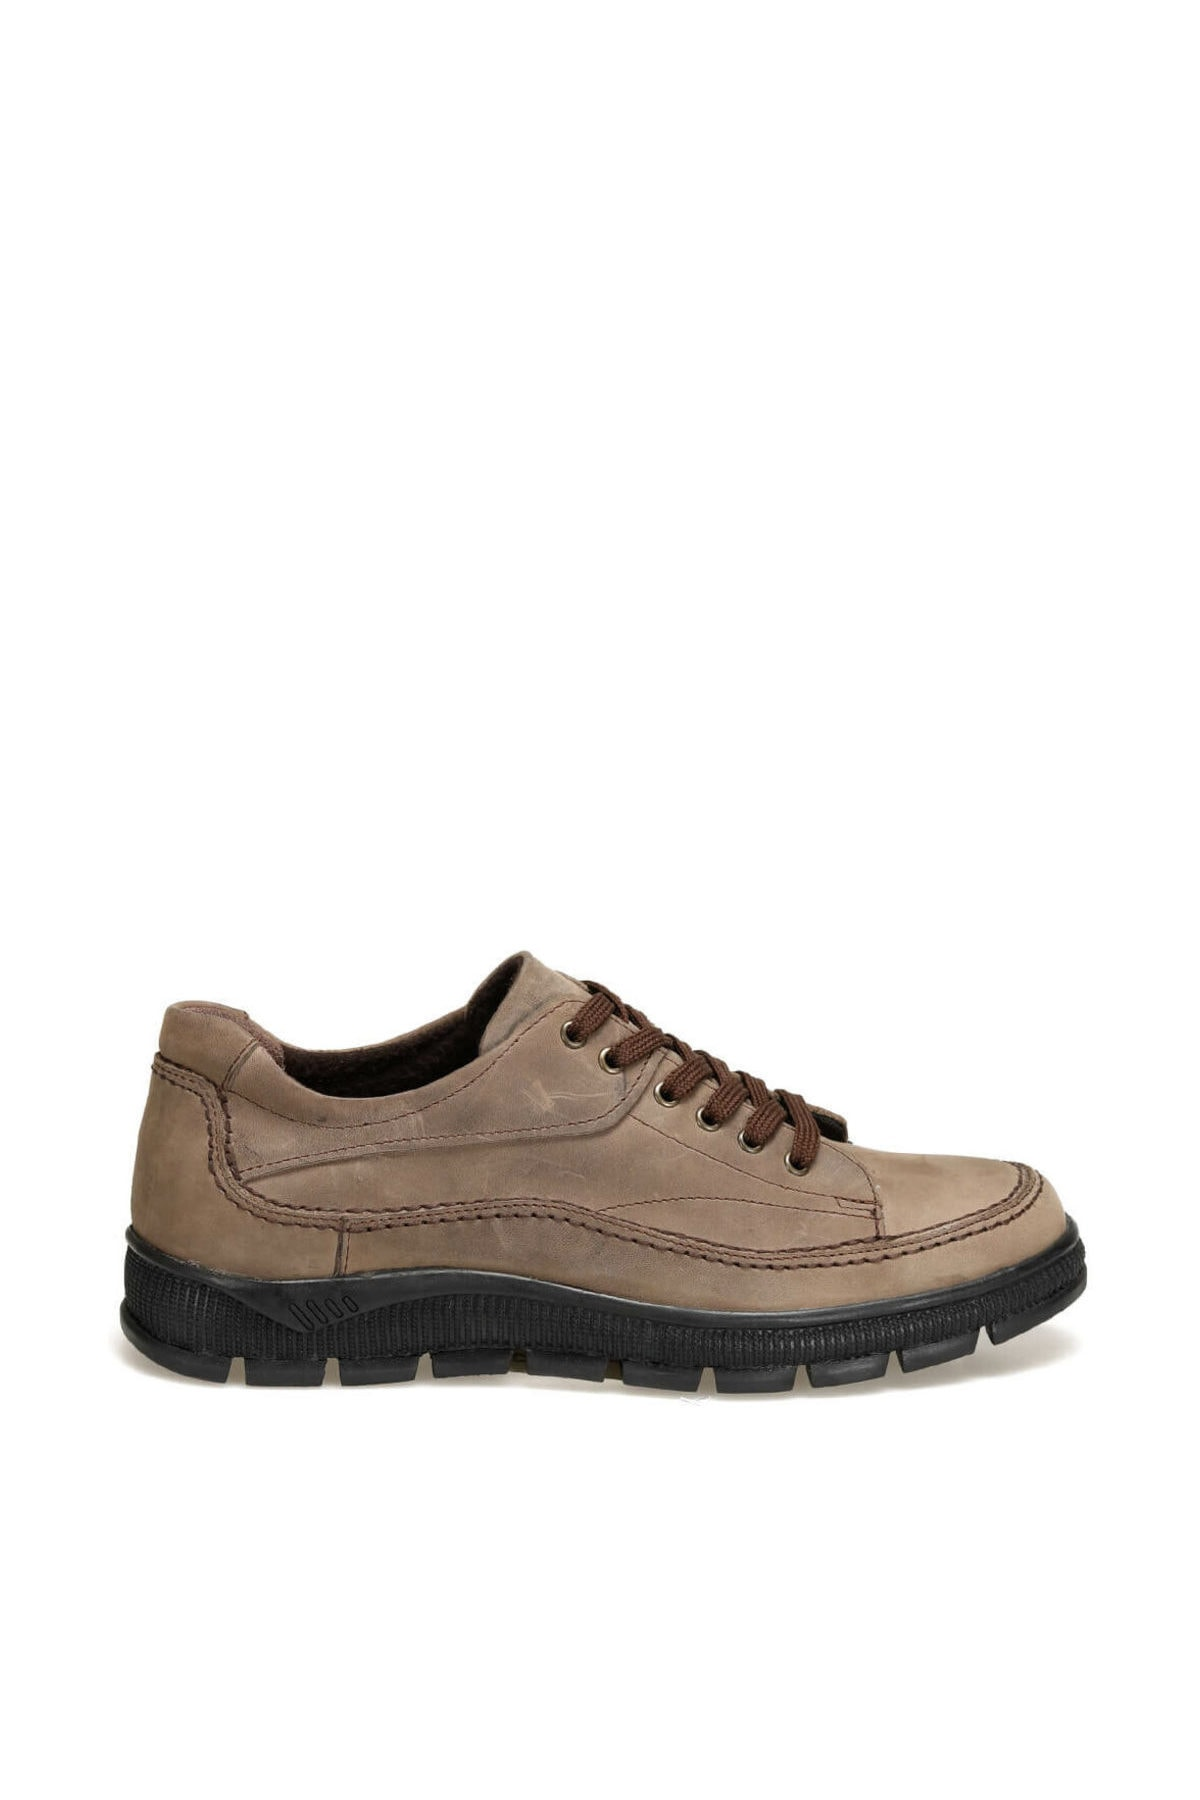 OXIDE 3010 Kum Rengi Erkek Ayakkabı 100441023 2